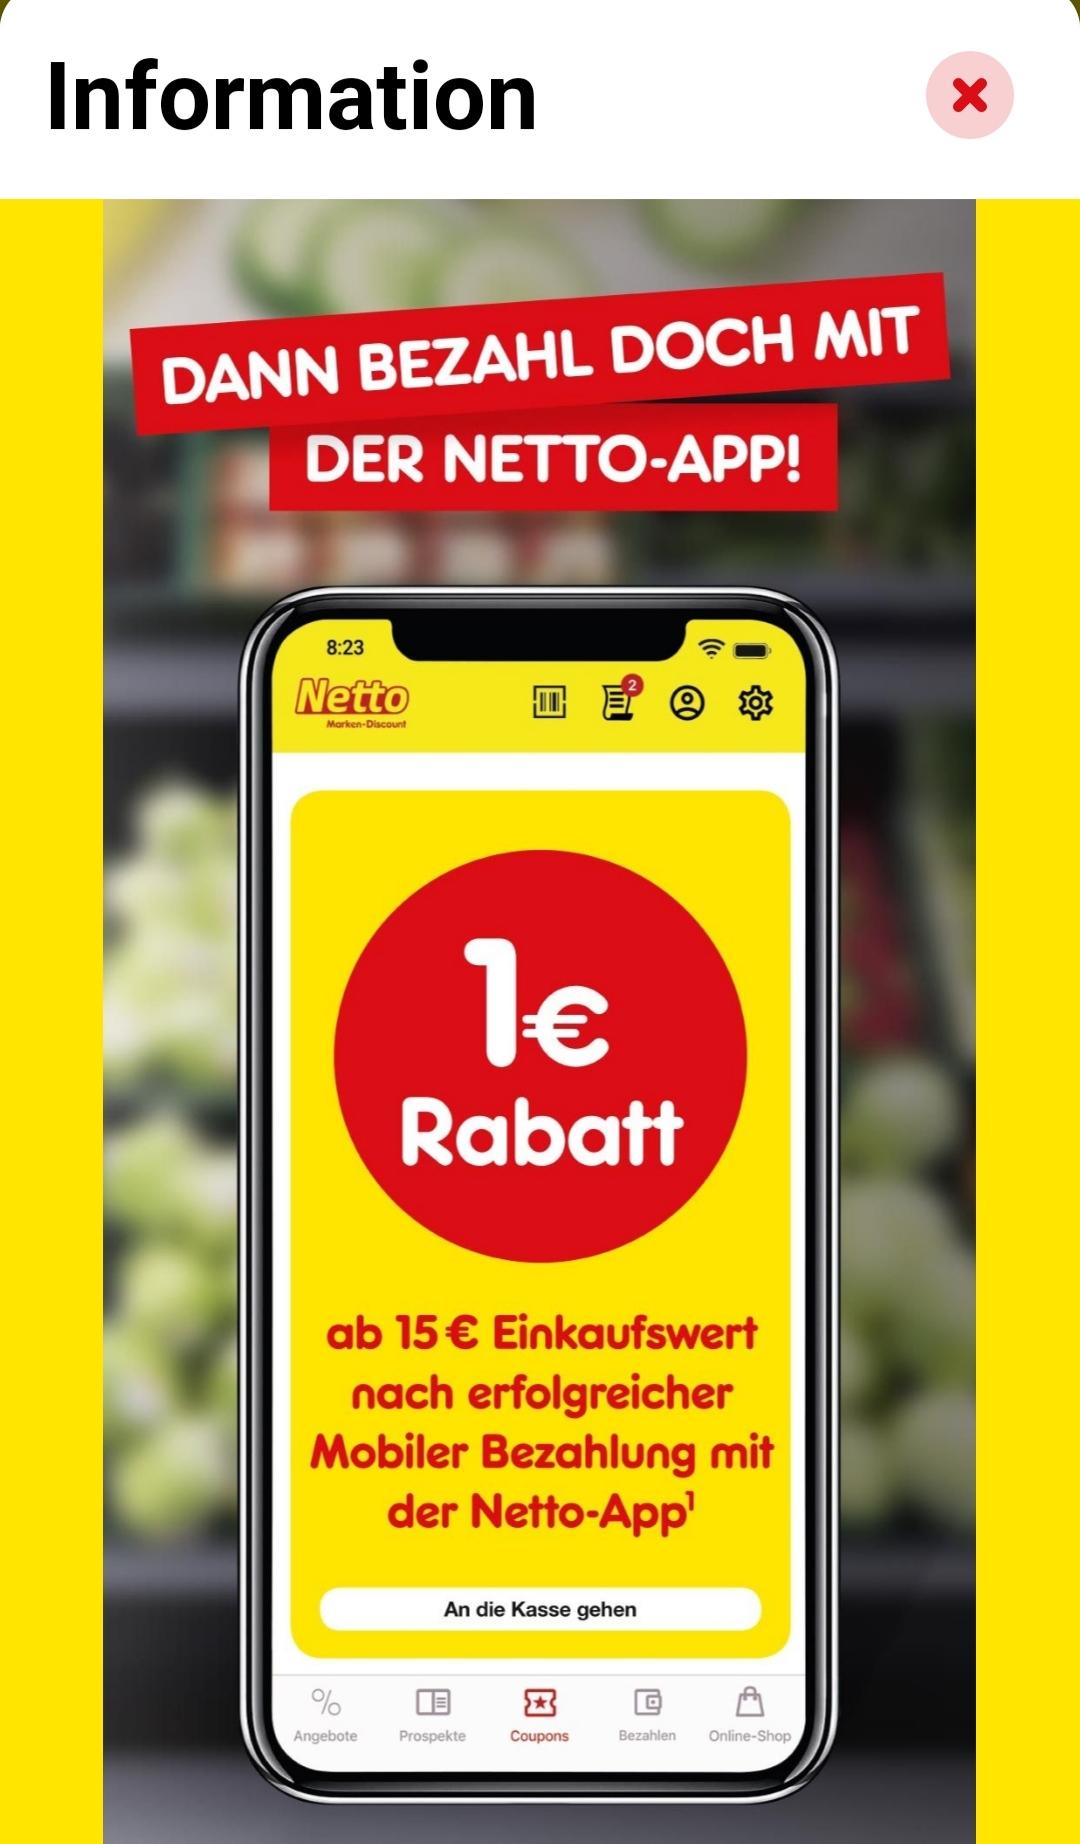 [Netto Marken-Discount - App] 1€ Rabatt Coupon ab 15€ Einkauf per App